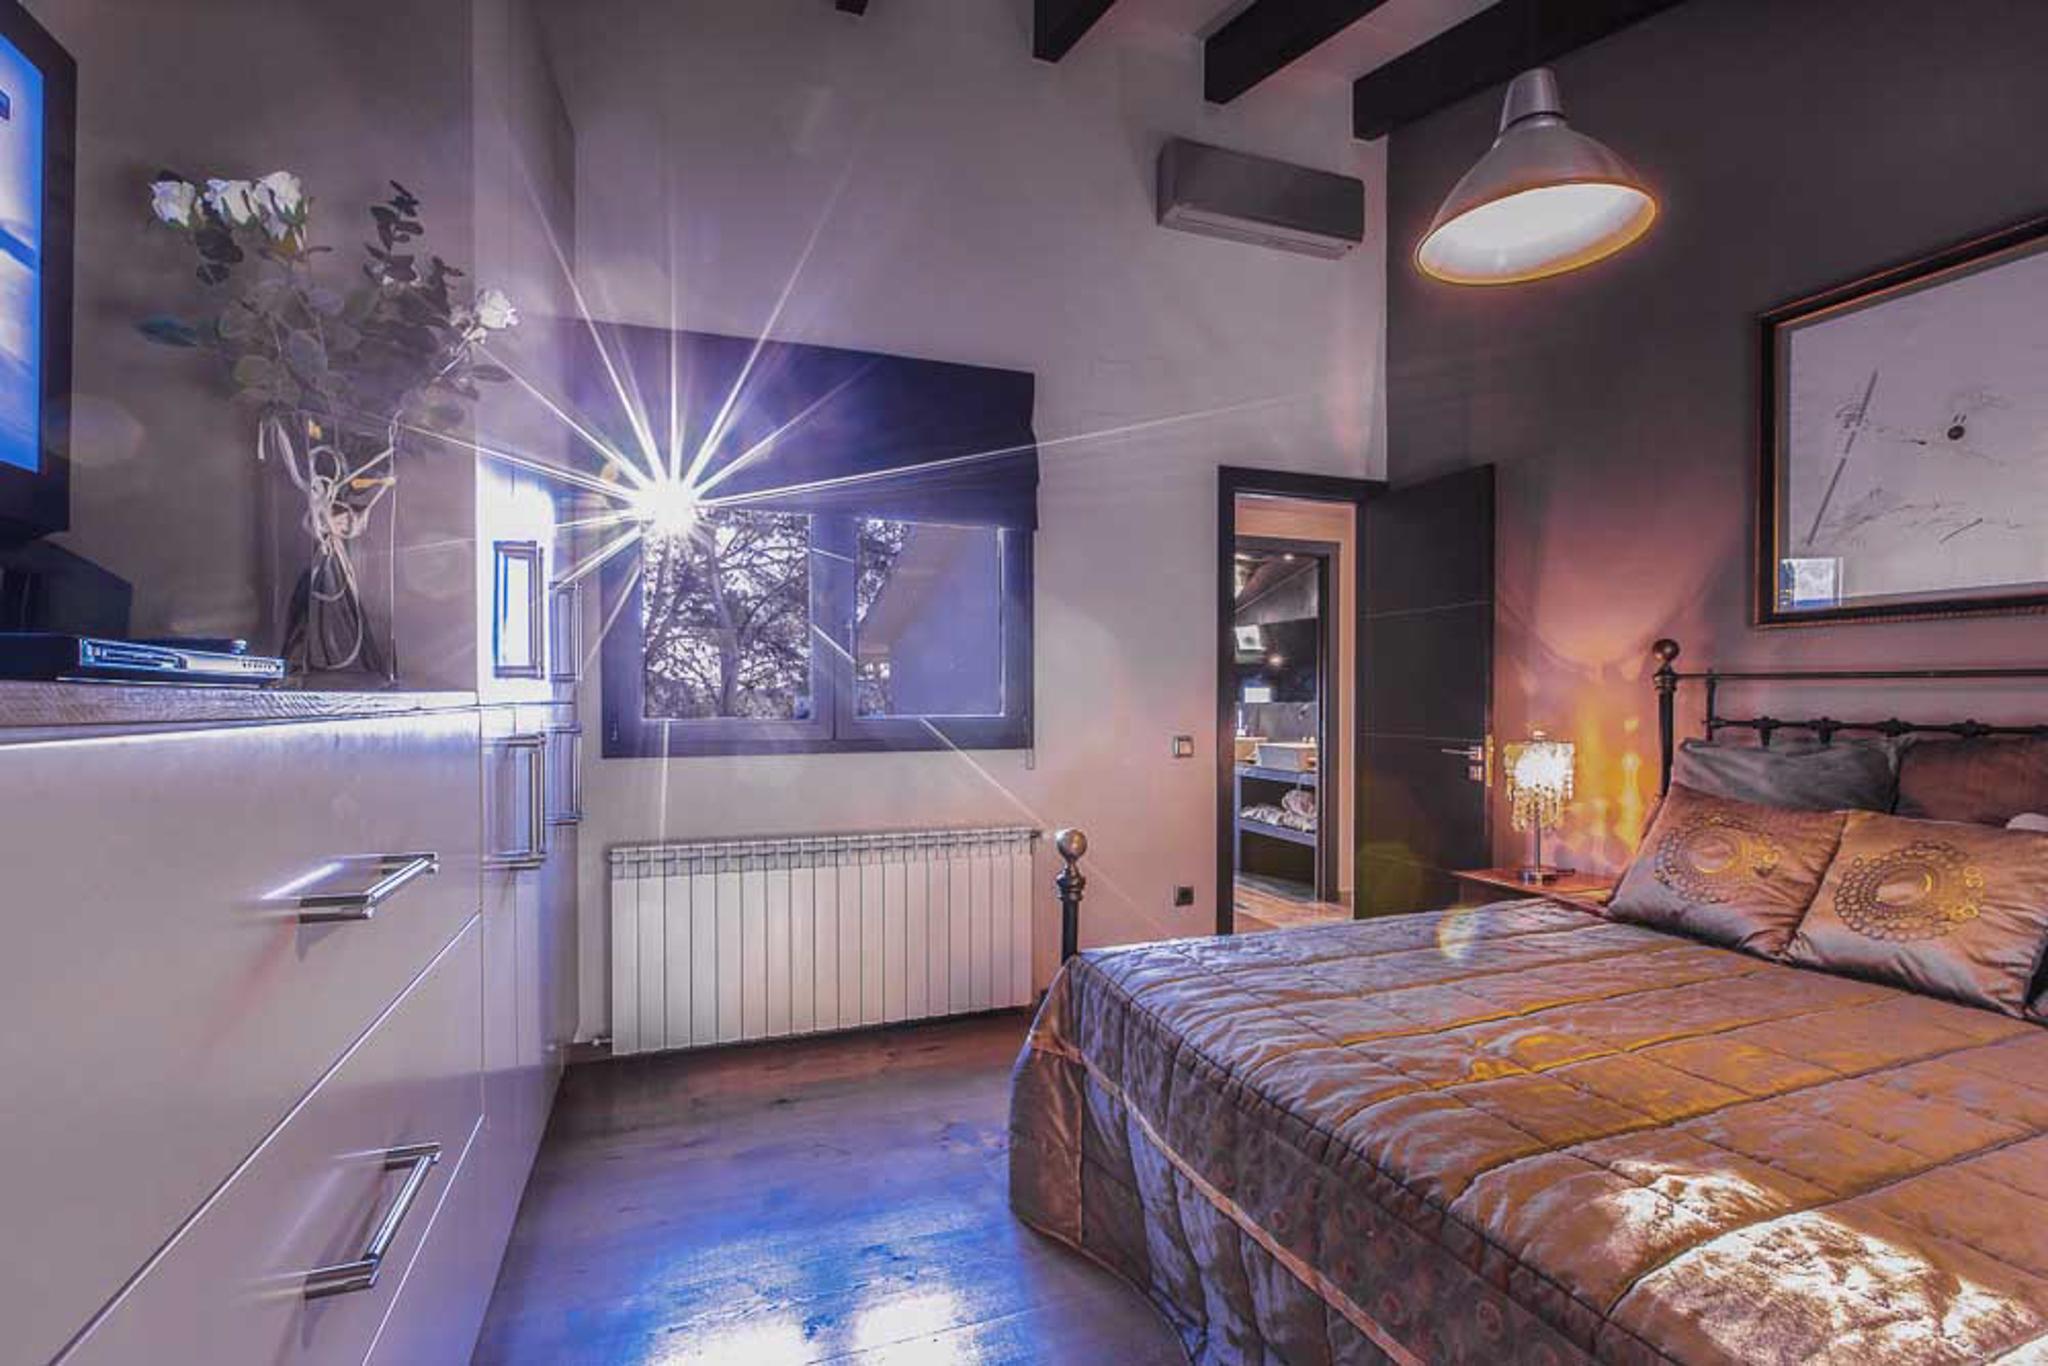 Ferienhaus Villa Palmera, Paradies in der Nhe von Barcelona, luxurise Villa fr 22 Personen (2379177), Olivella, Costa del Garraf, Katalonien, Spanien, Bild 19